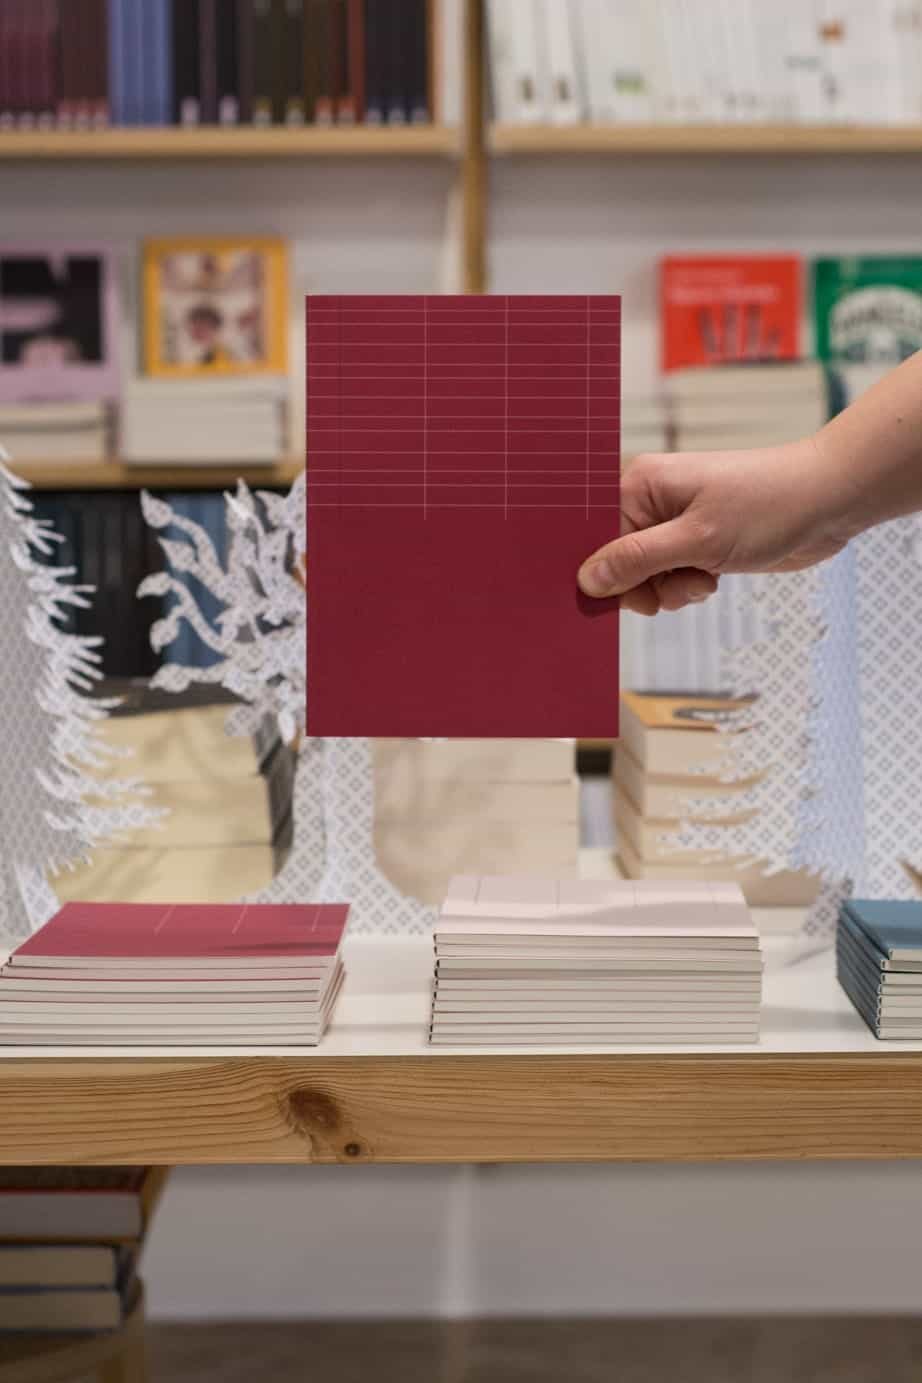 Lalinea linea di cartoleria, quaderno, Quivirgola e Tipografia Unione. Tipografia e stampa a Vicenza.